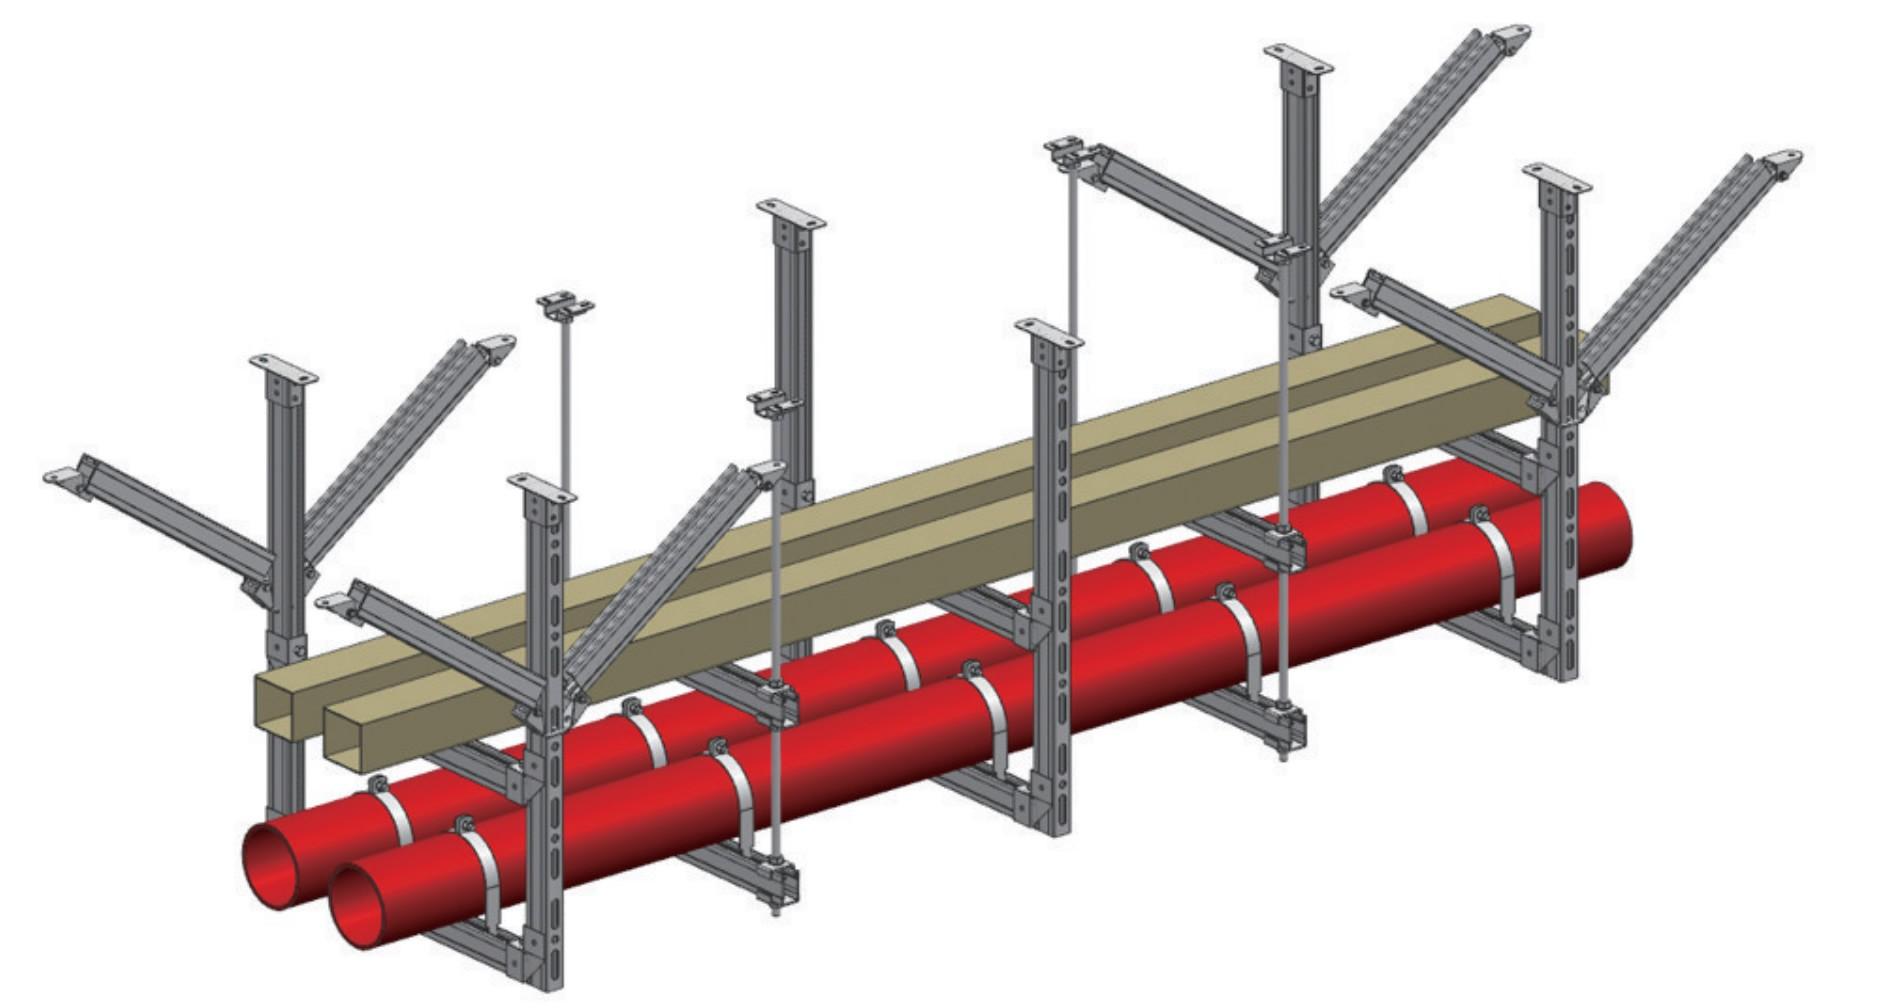 抗震支吊架产品的广泛应用情况